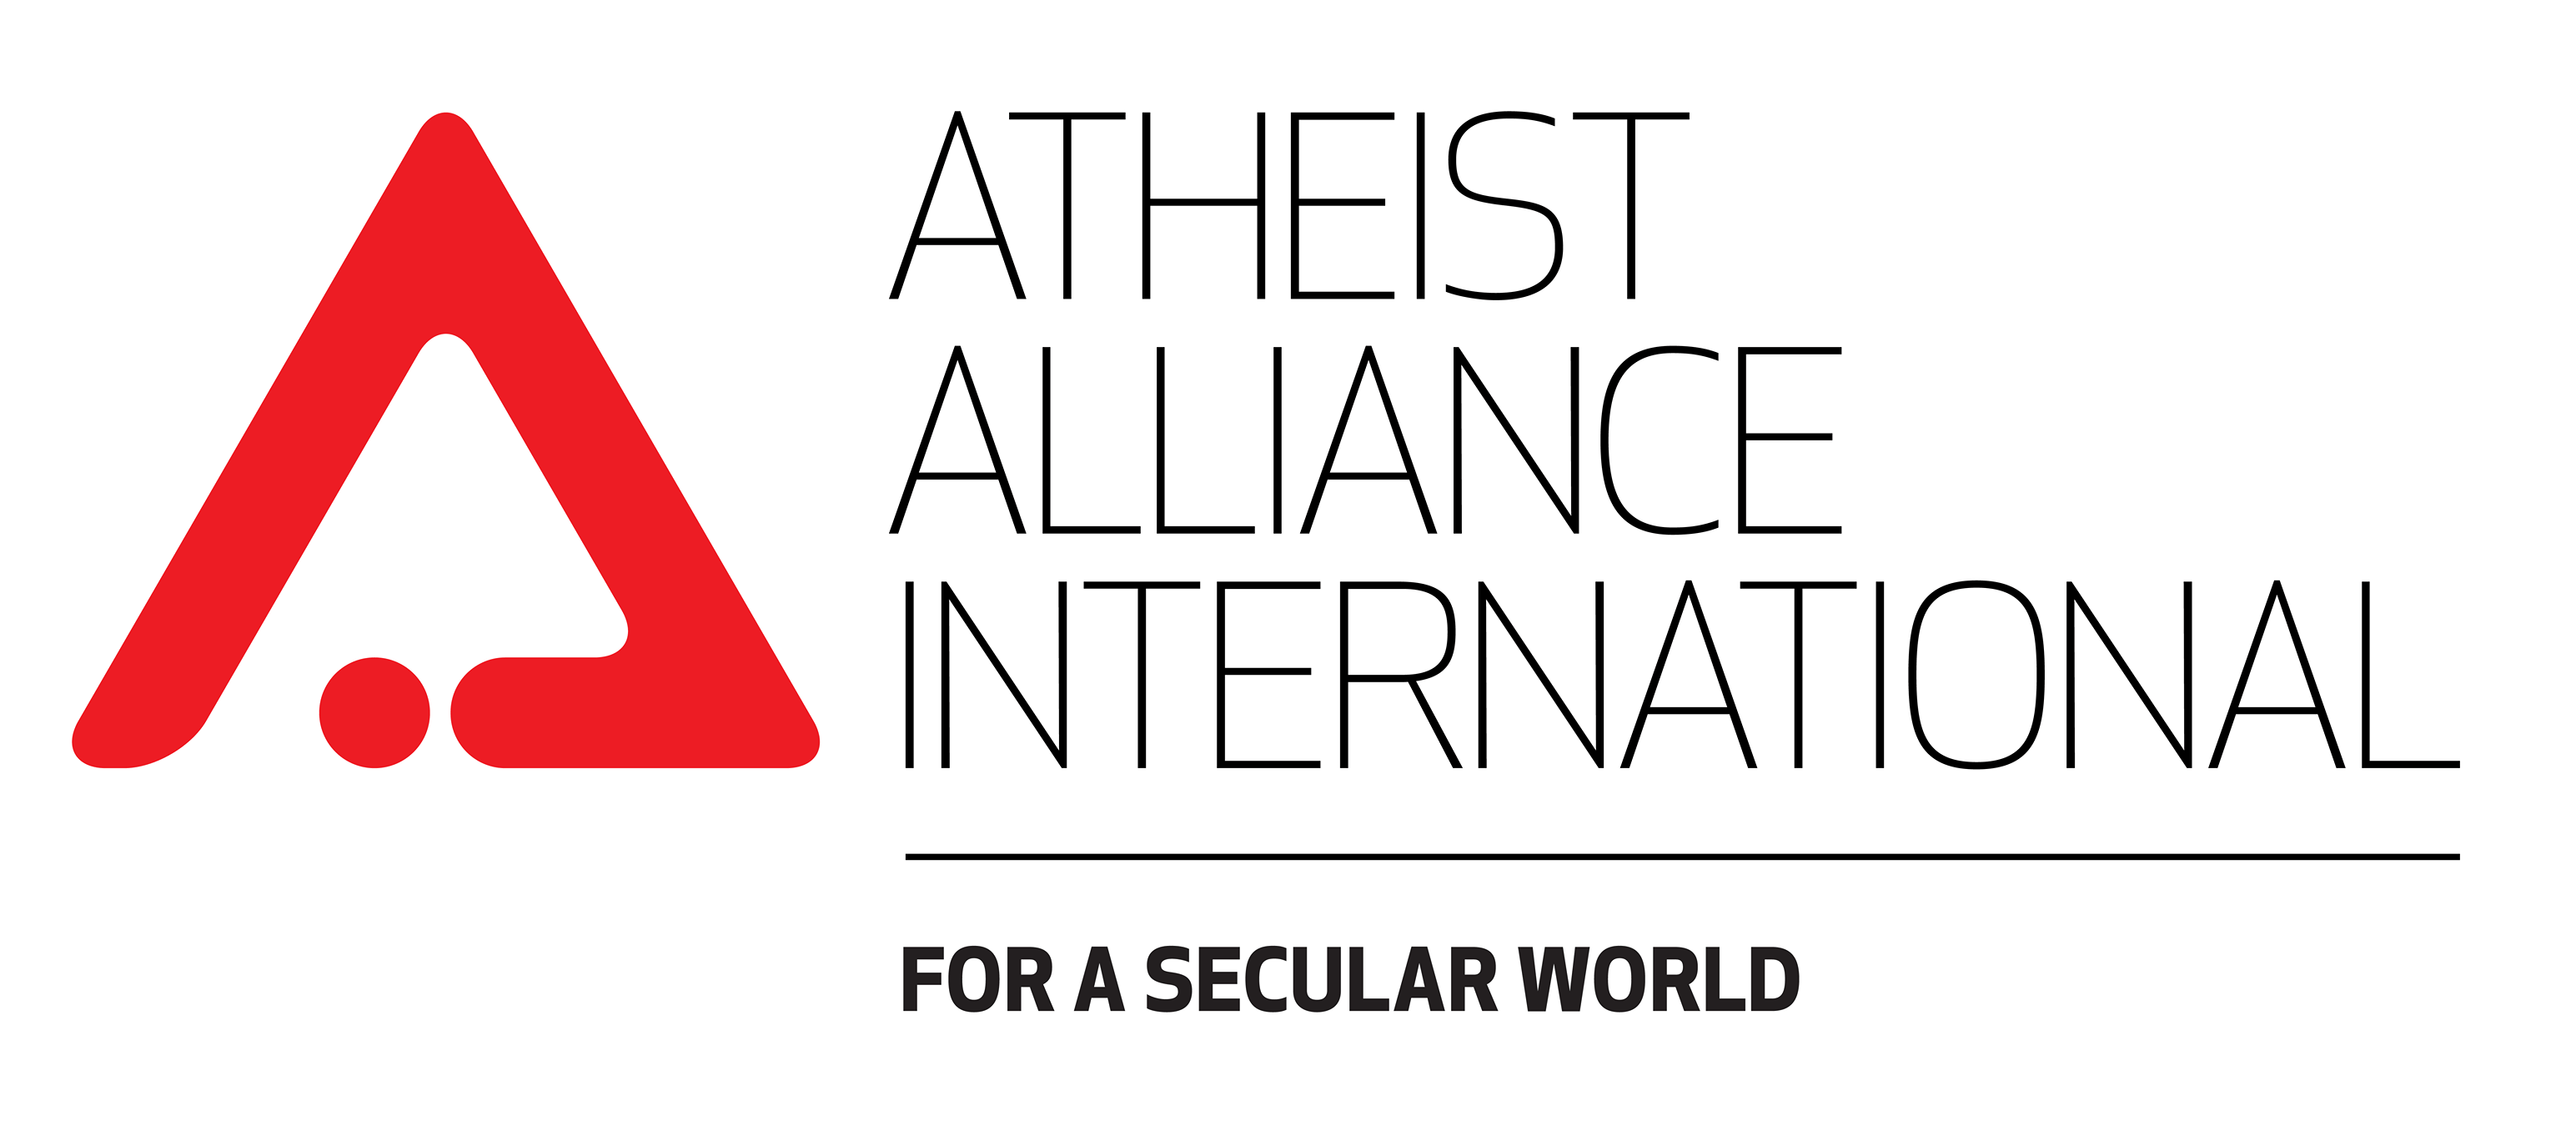 atheist-alliance-international